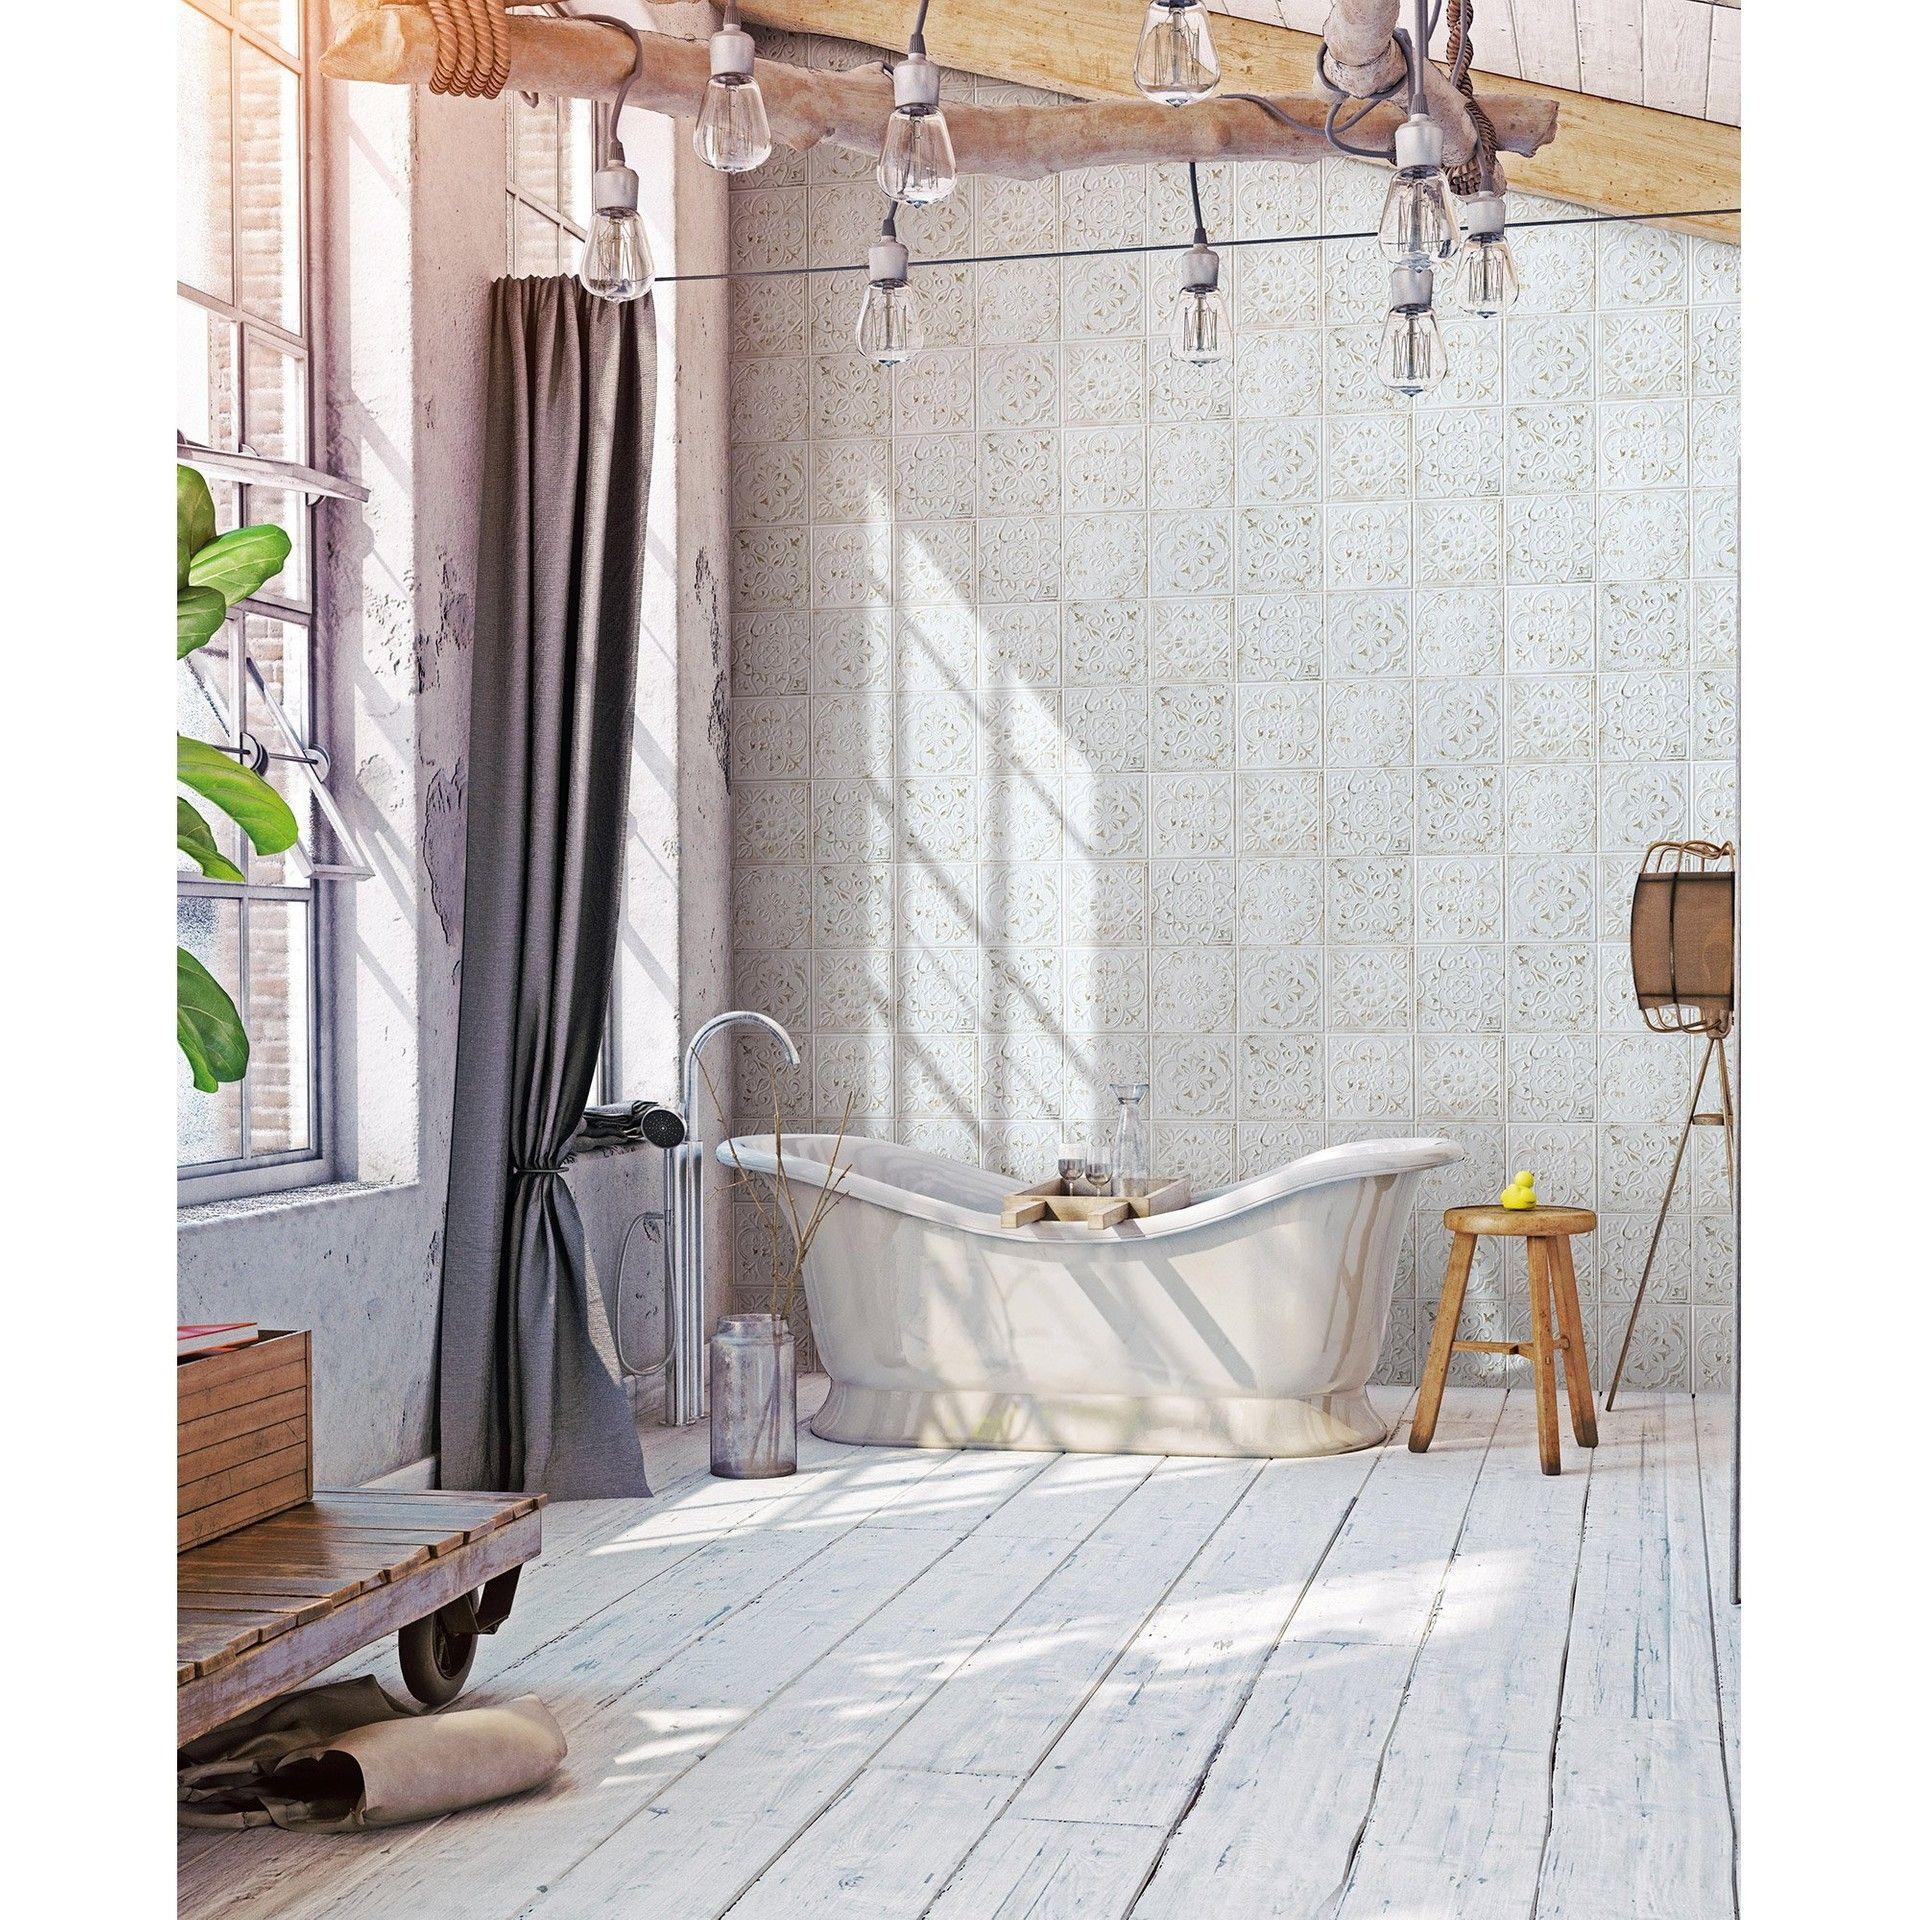 Carrelage Mur Et Sol Blanc Mat L 20 X L 20 Cm Victoria Leroy Merlin Ciment Blanc Carreau De Ciment Carrelage